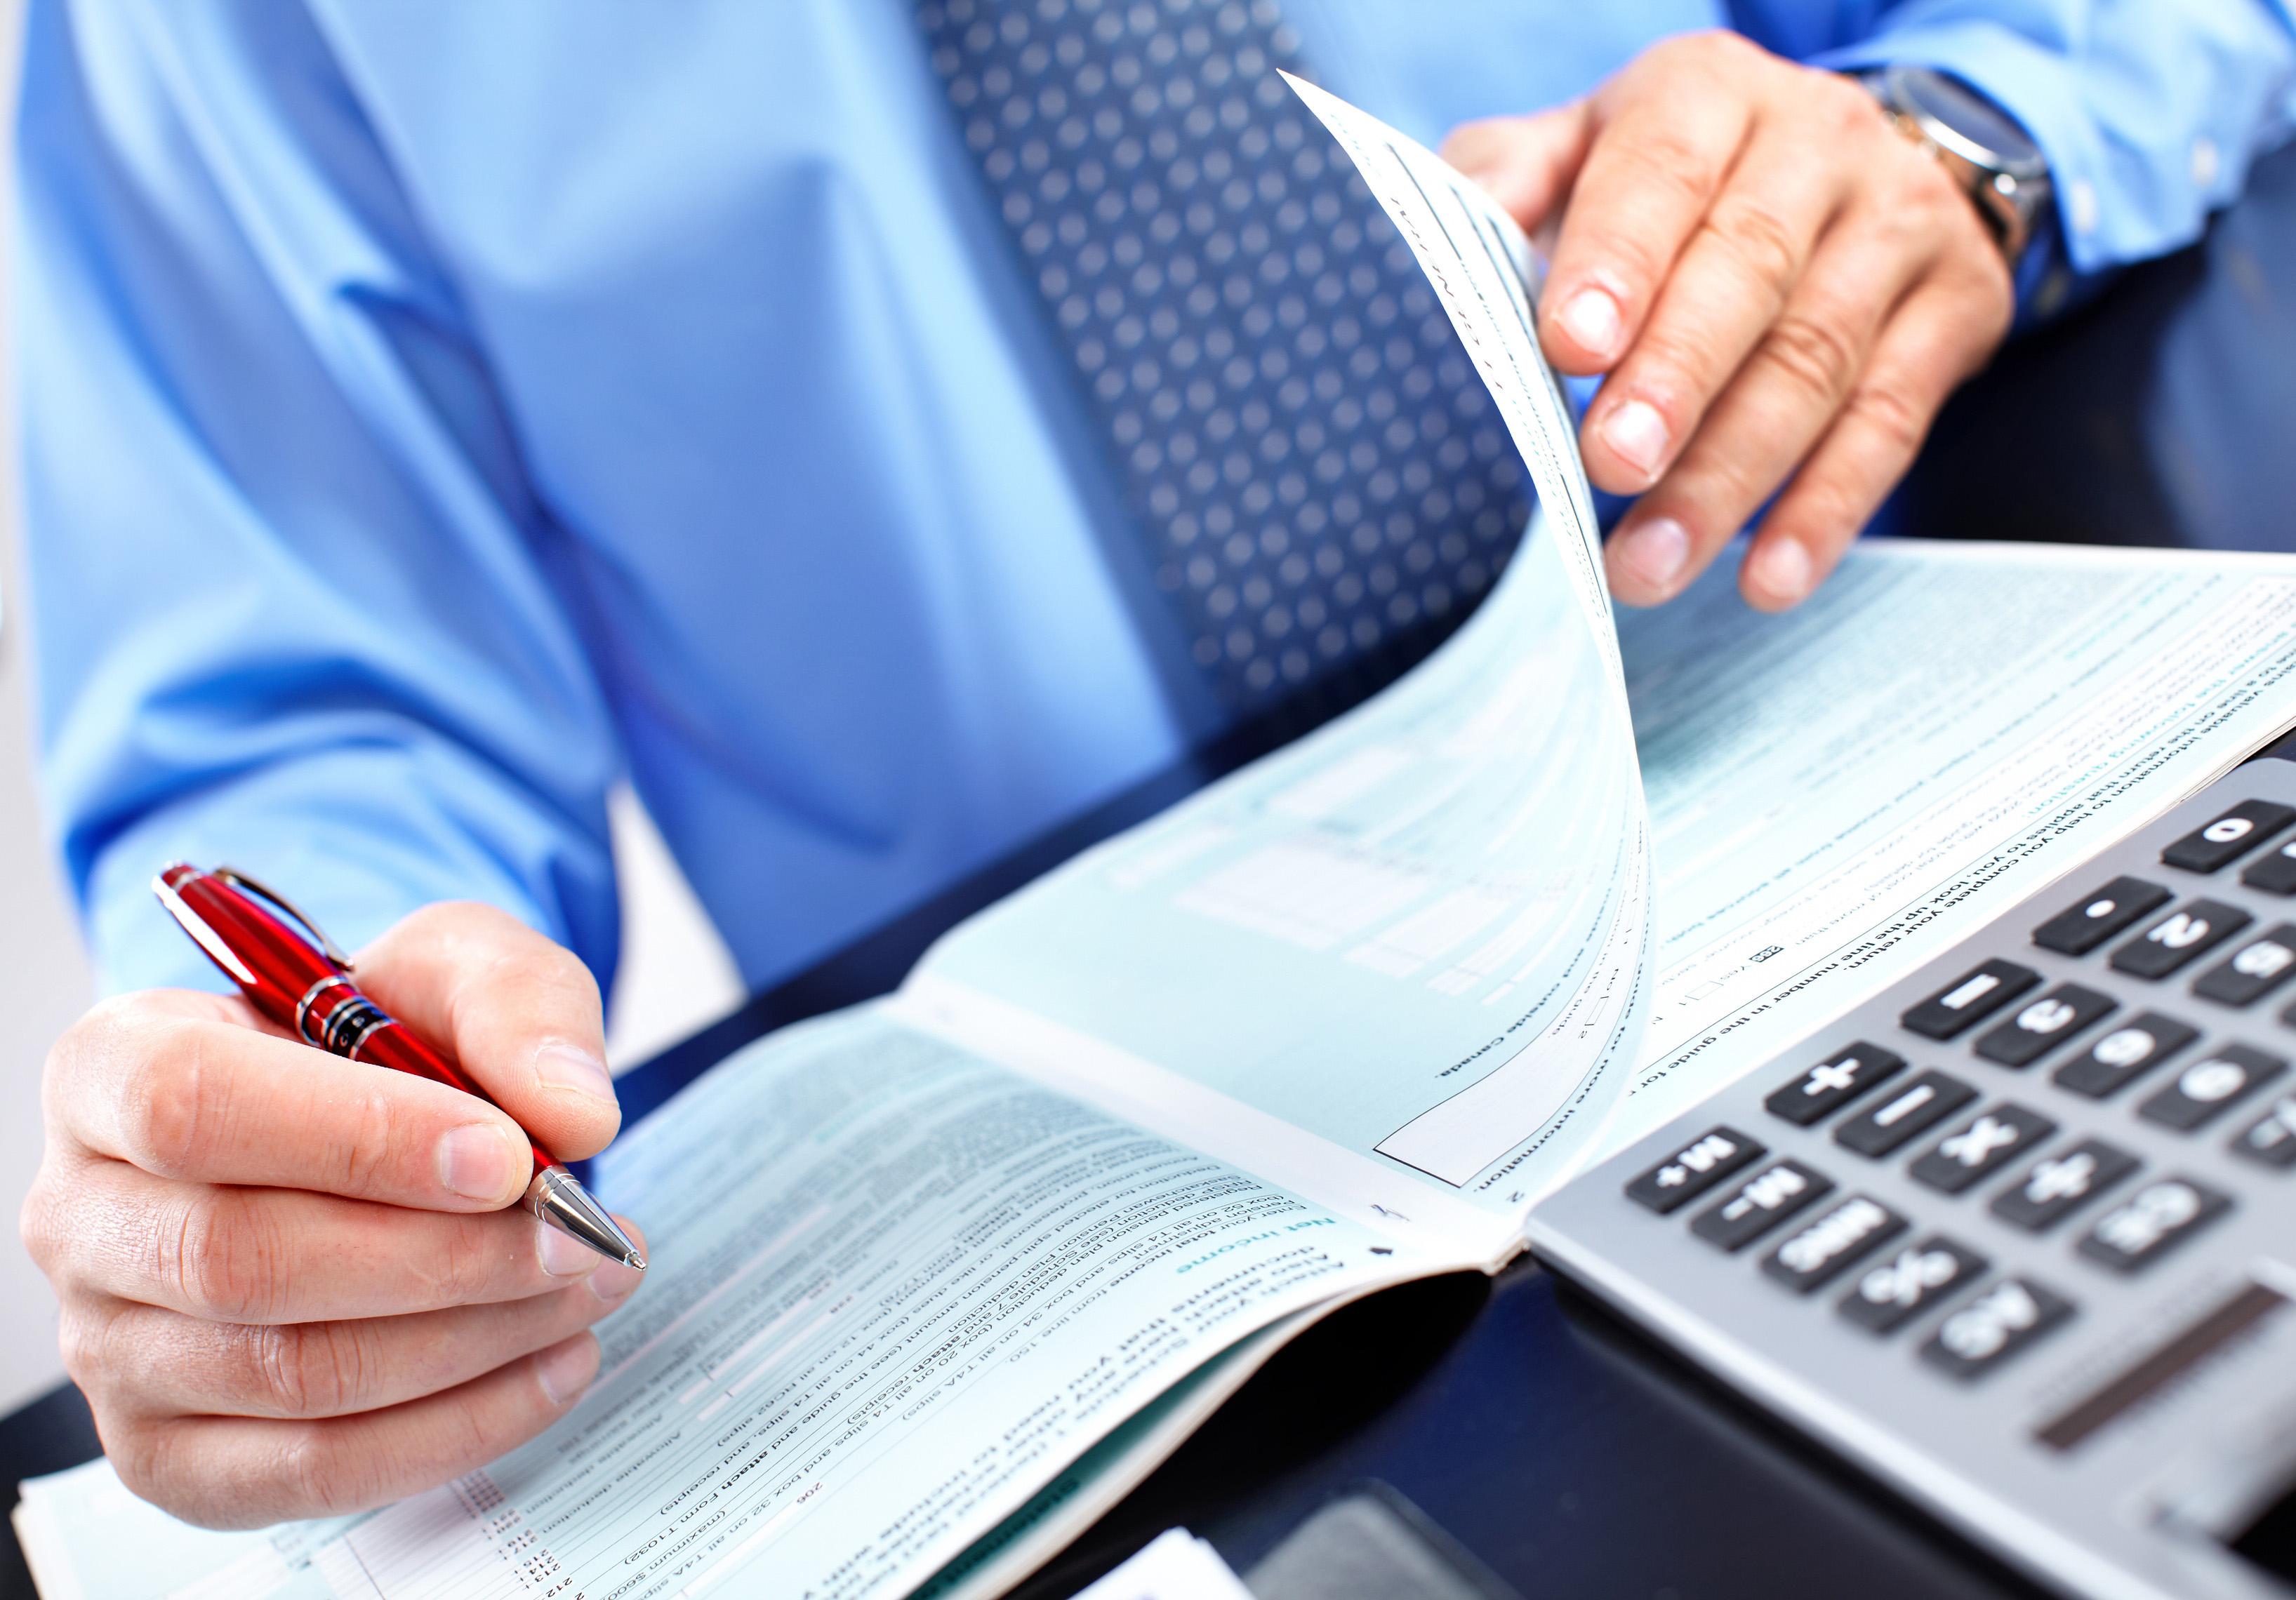 Thủ tục cấp giấy chứng nhận hệ thống quản lý chất lượng thế nào?